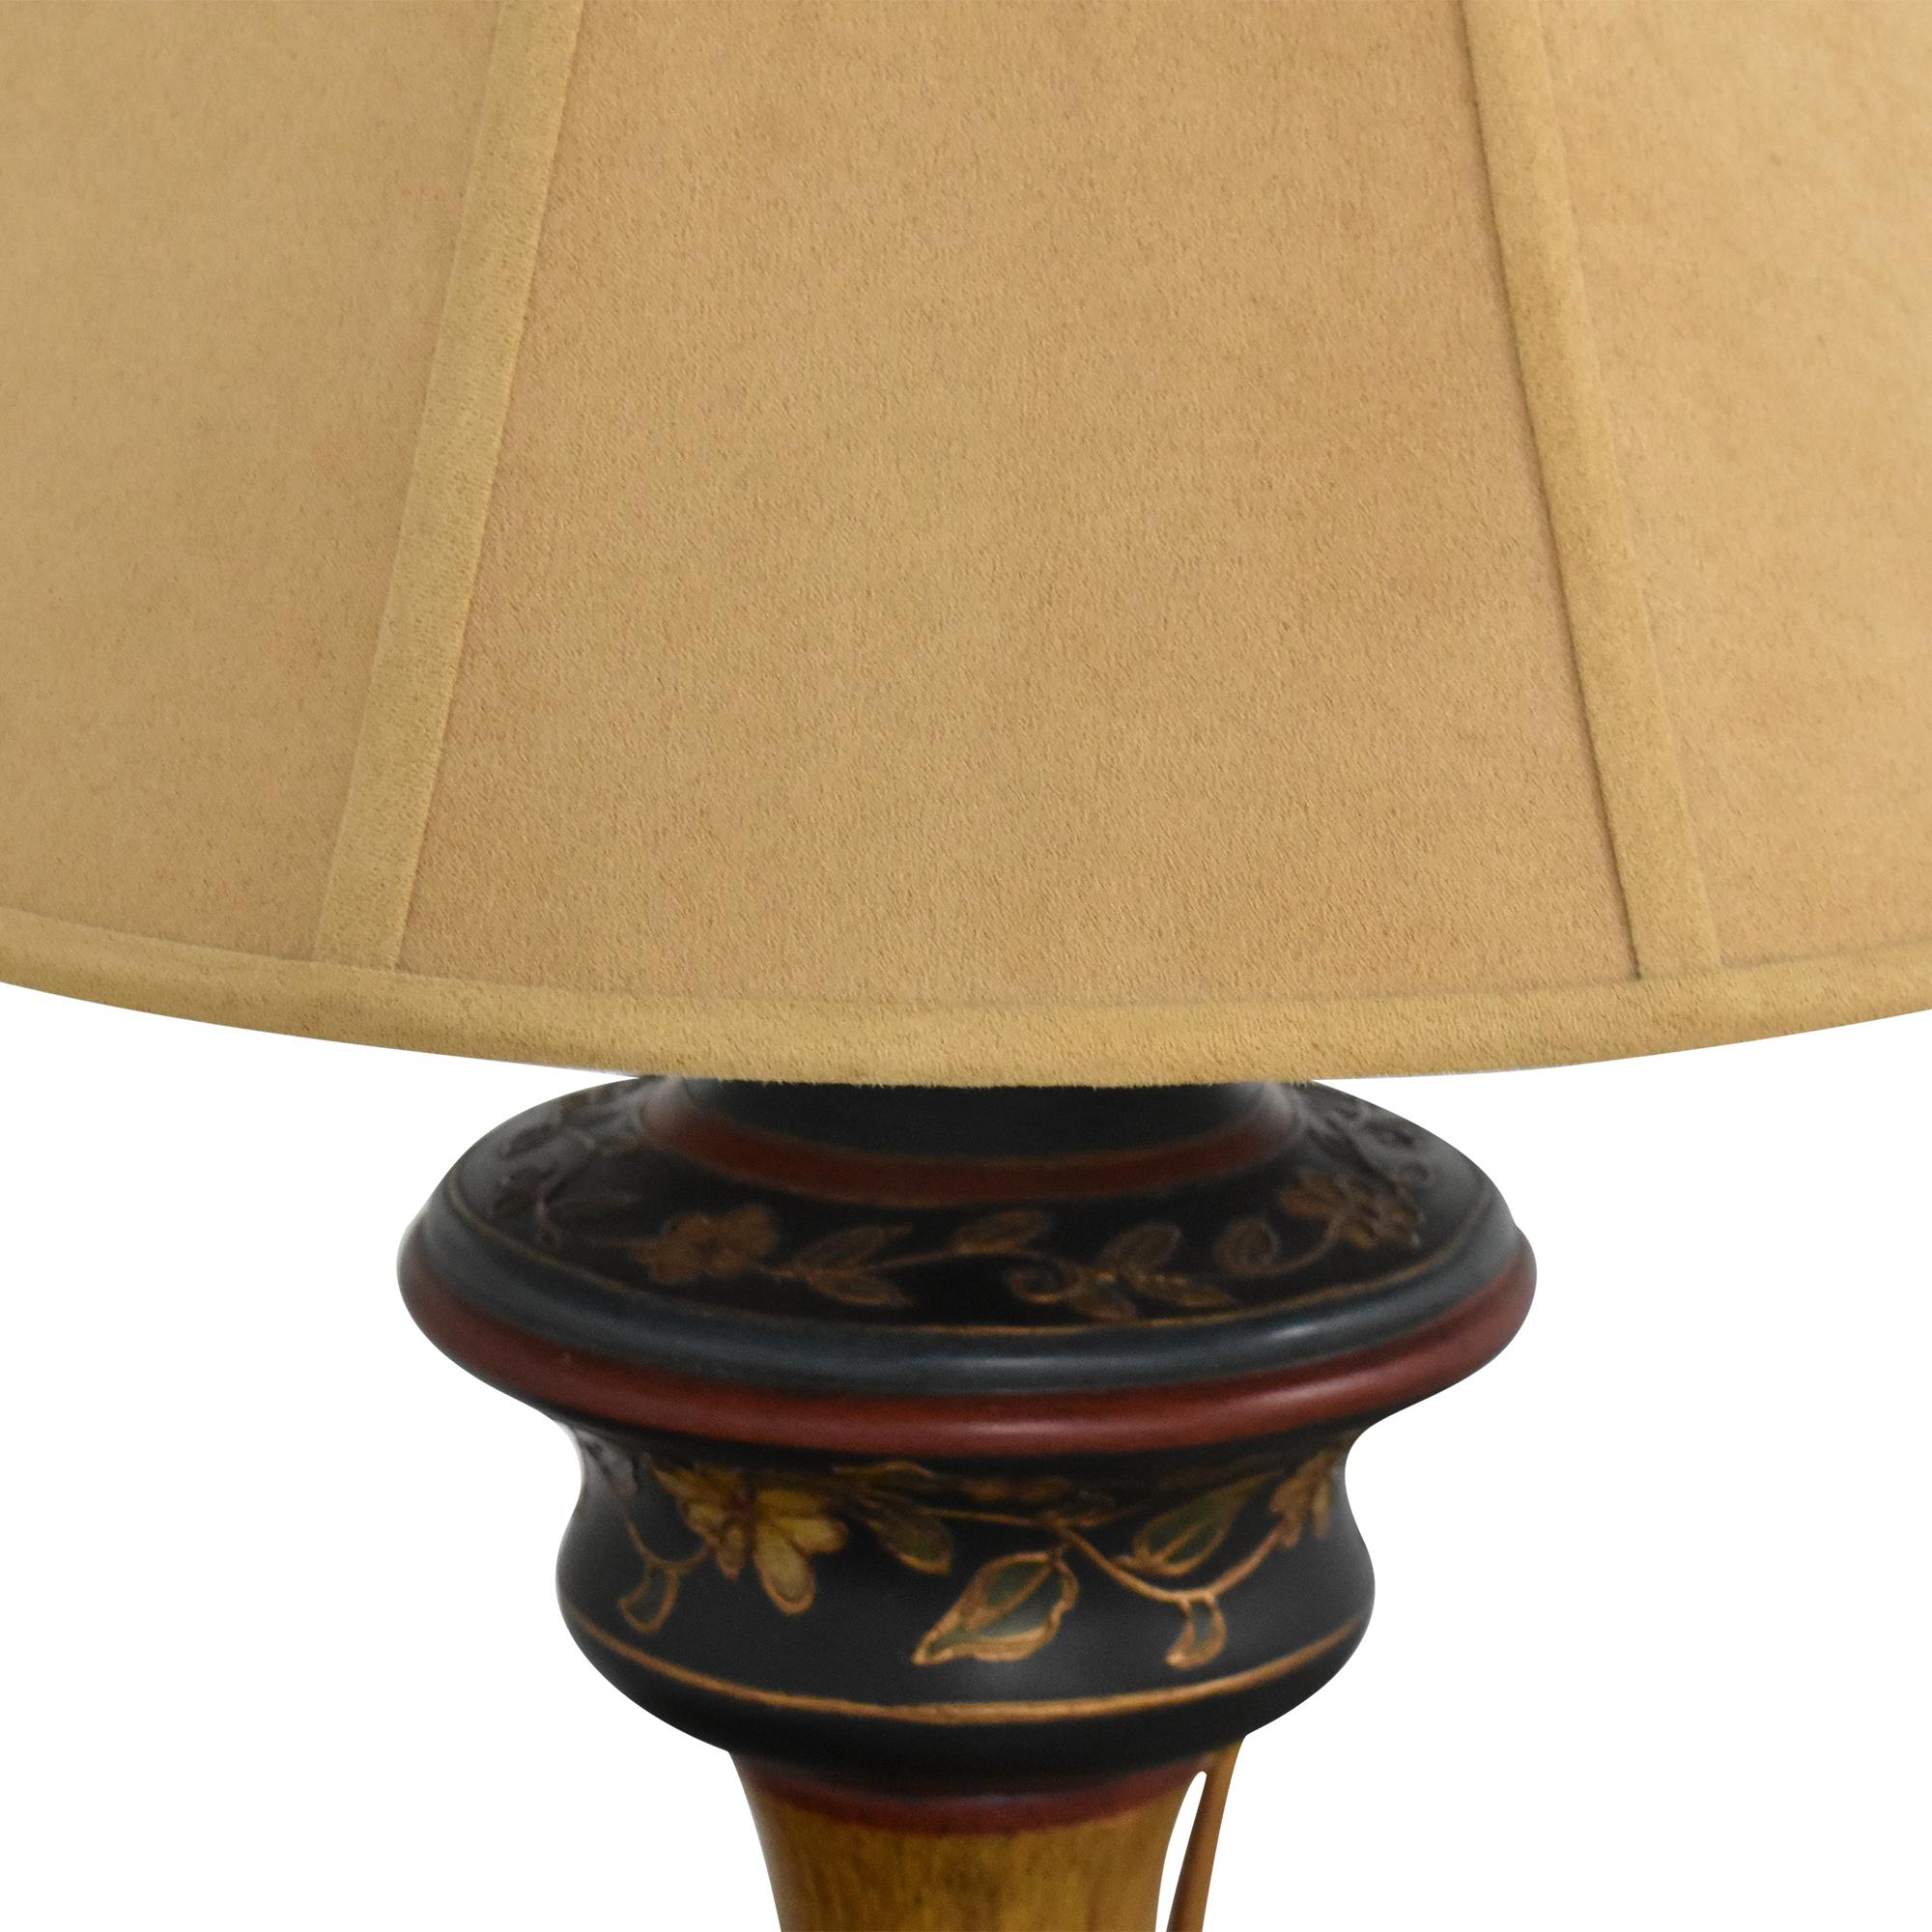 Vintage Table lamp nj